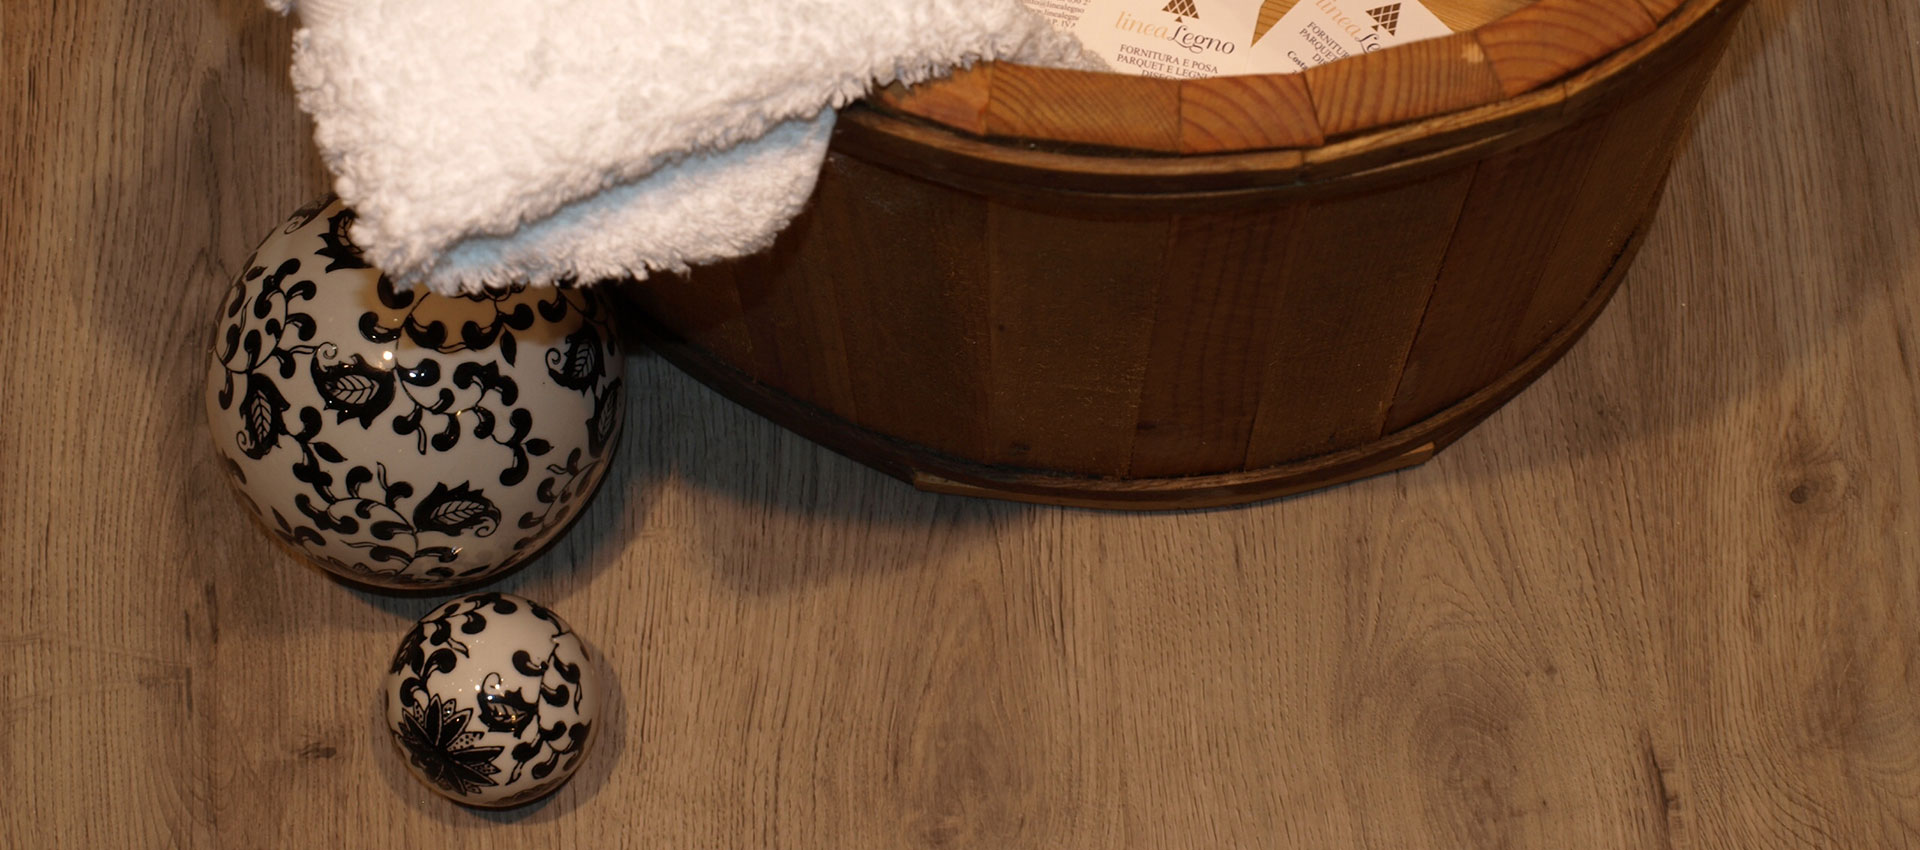 Dettaglio pavimento in PVC rovere grigio